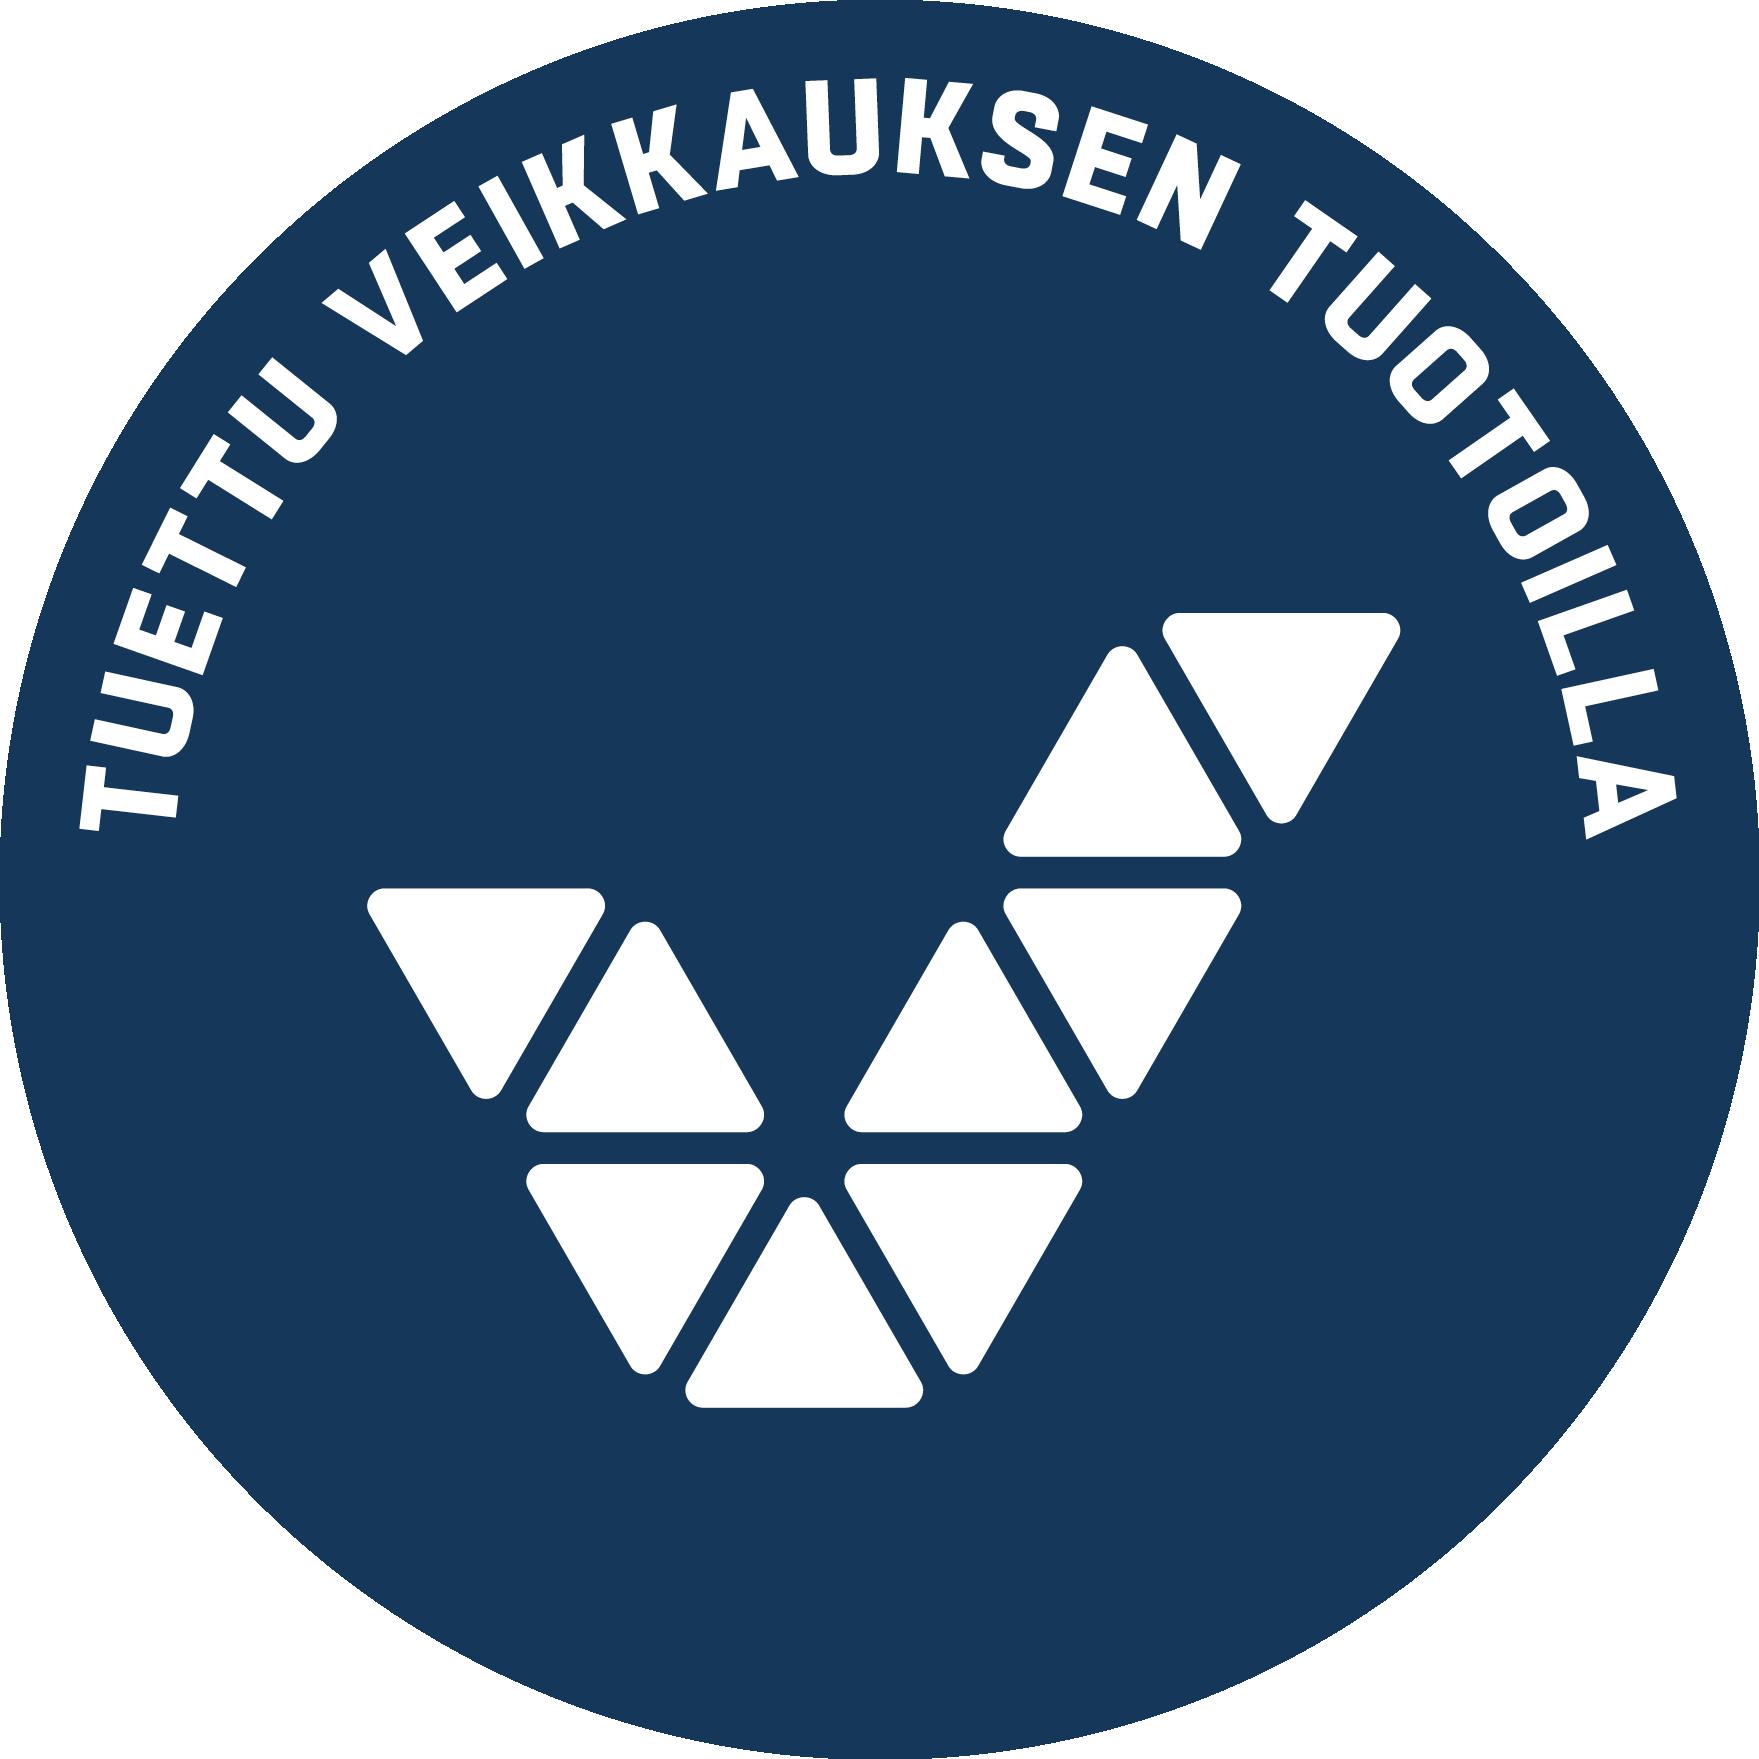 Kuva Tuettu Veikkauksen tuotoilla -logosta